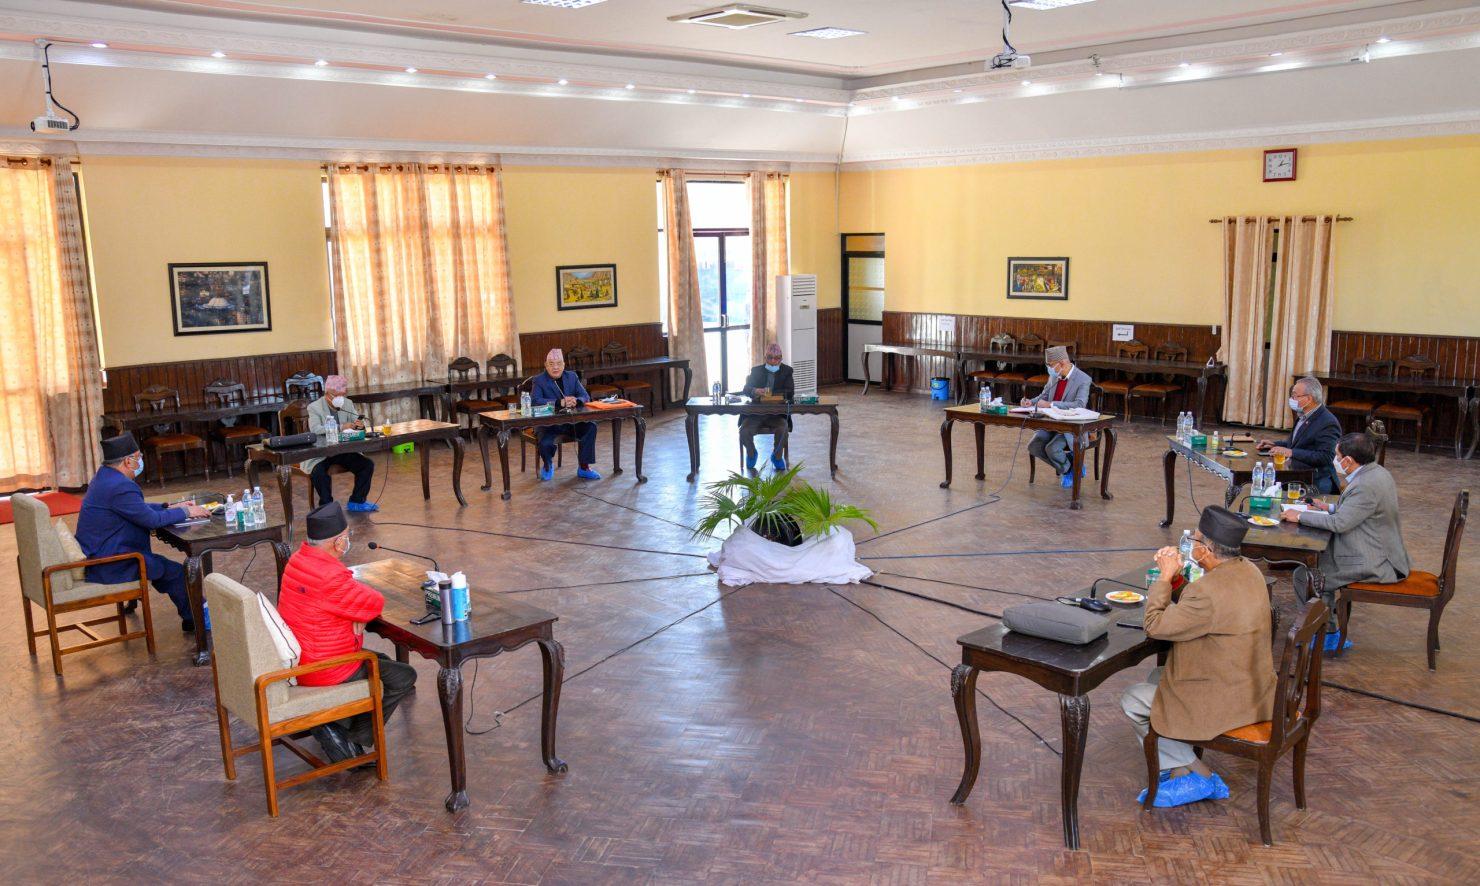 नेकपाको सचिवालय बैठक सकियो, प्रचण्डको प्रस्तावको विरुद्ध ओलीको पनि प्रस्ताव